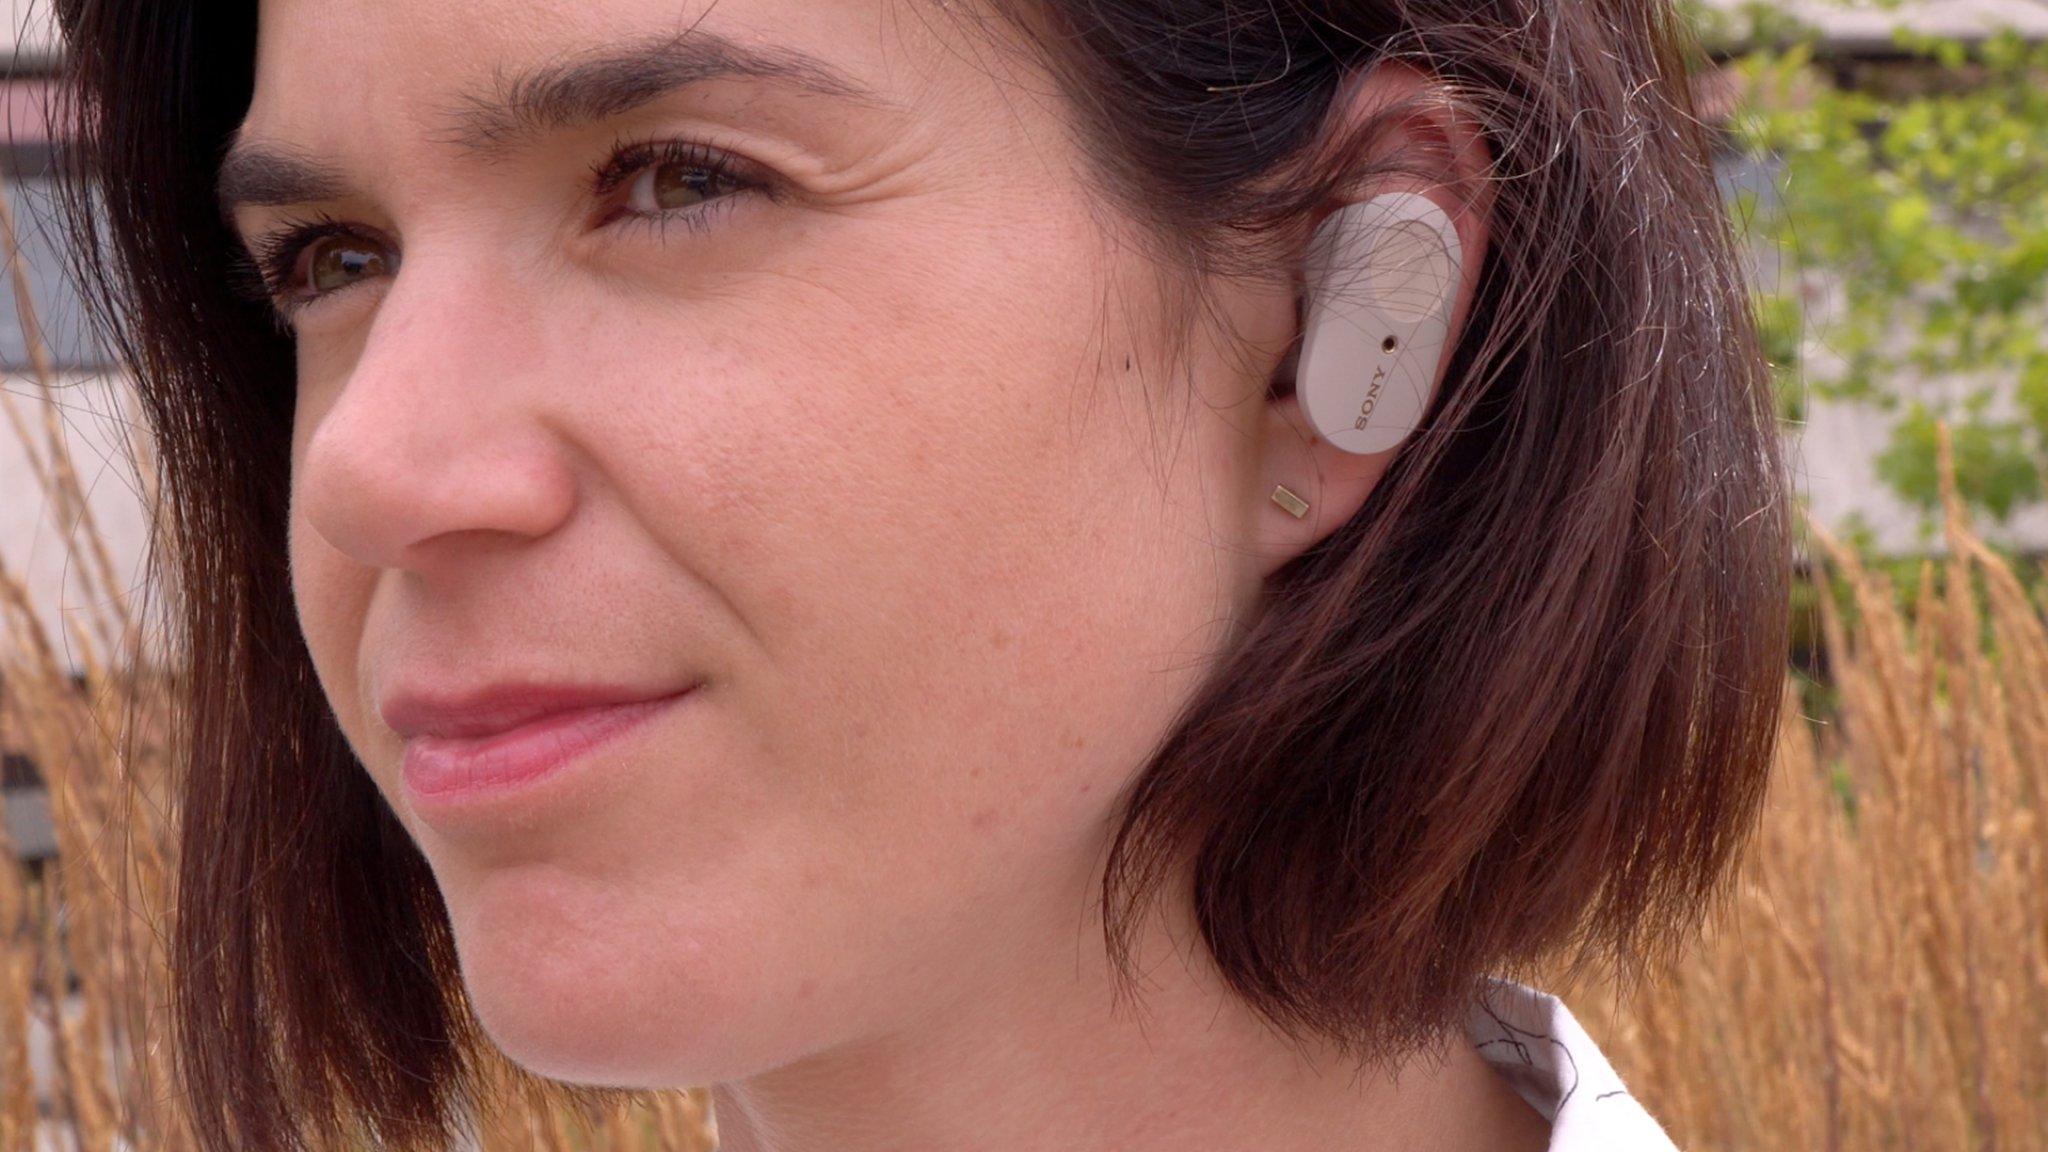 Getest: verslaan deze Sony-oordoppen de AirPods?   Bright